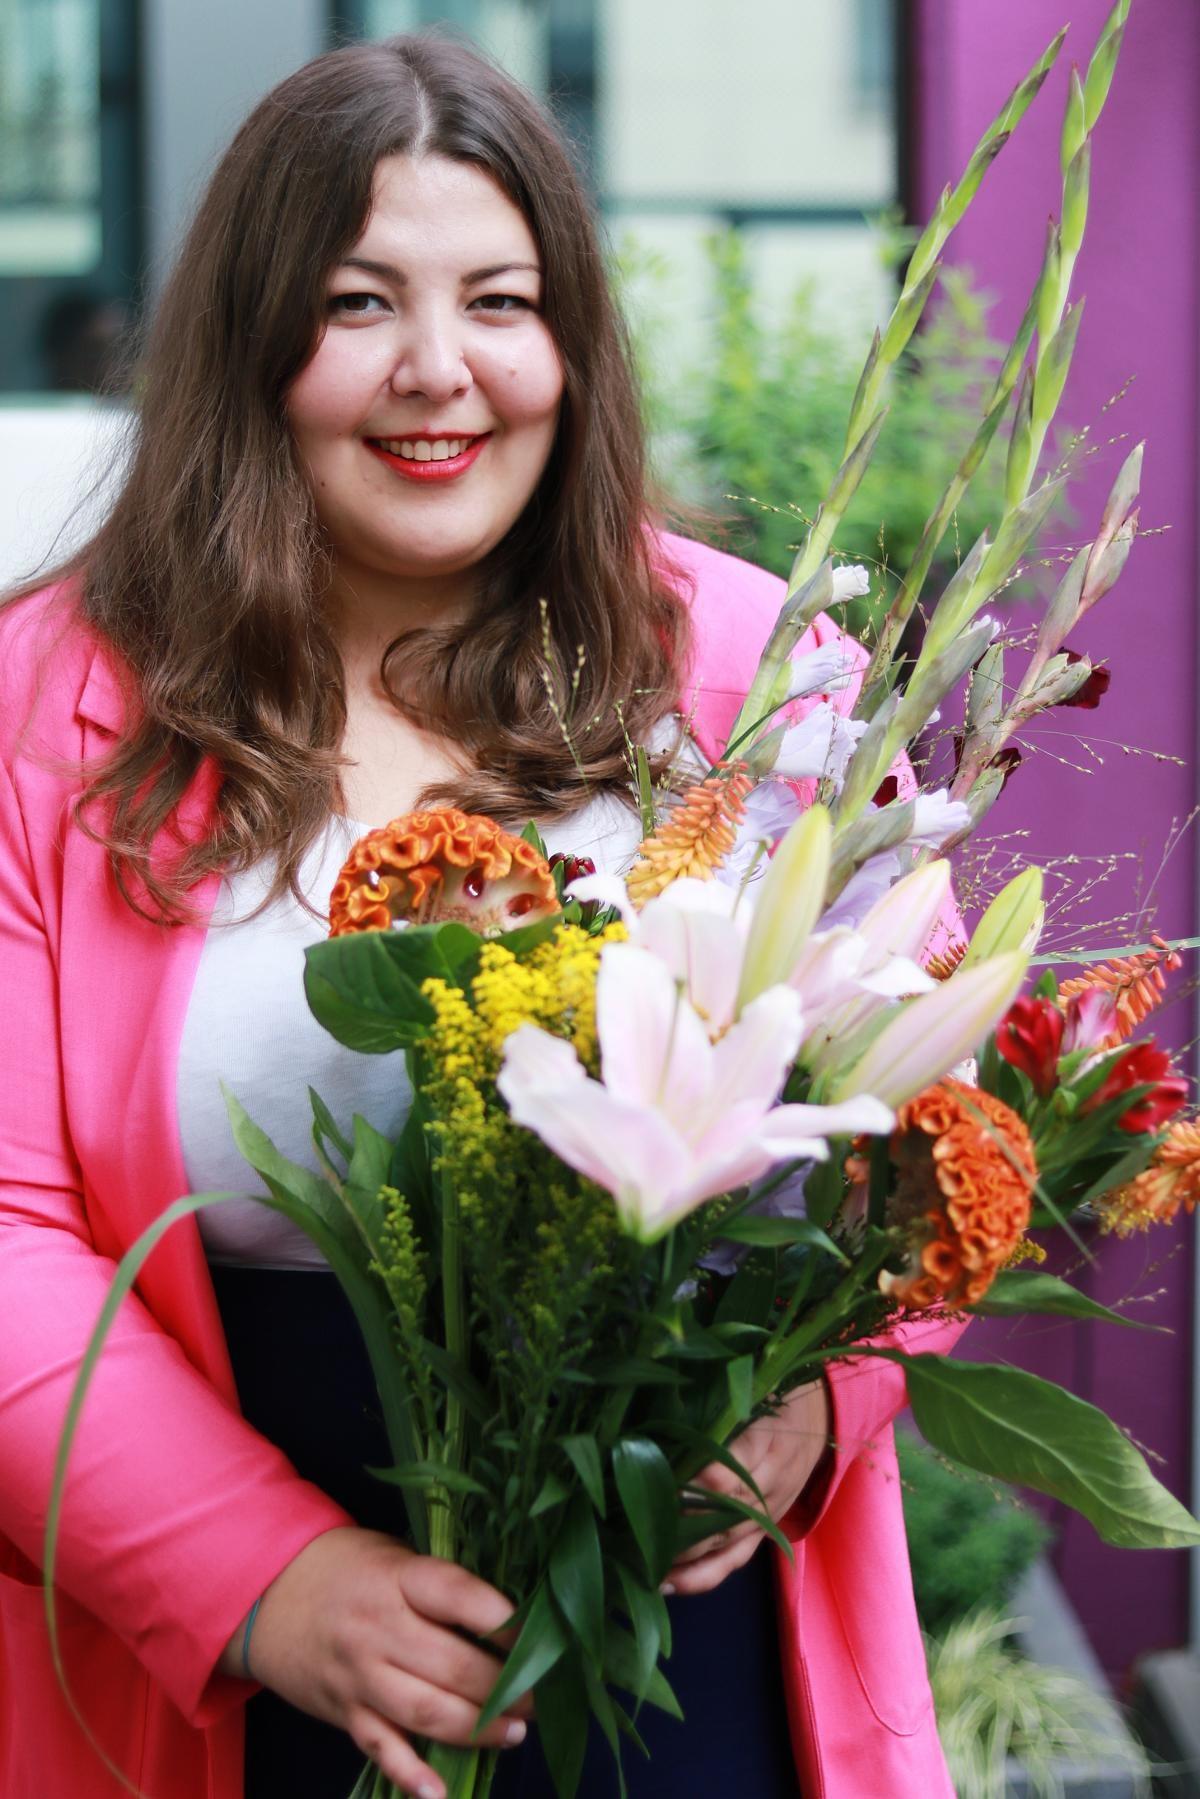 Bloggerin Jana